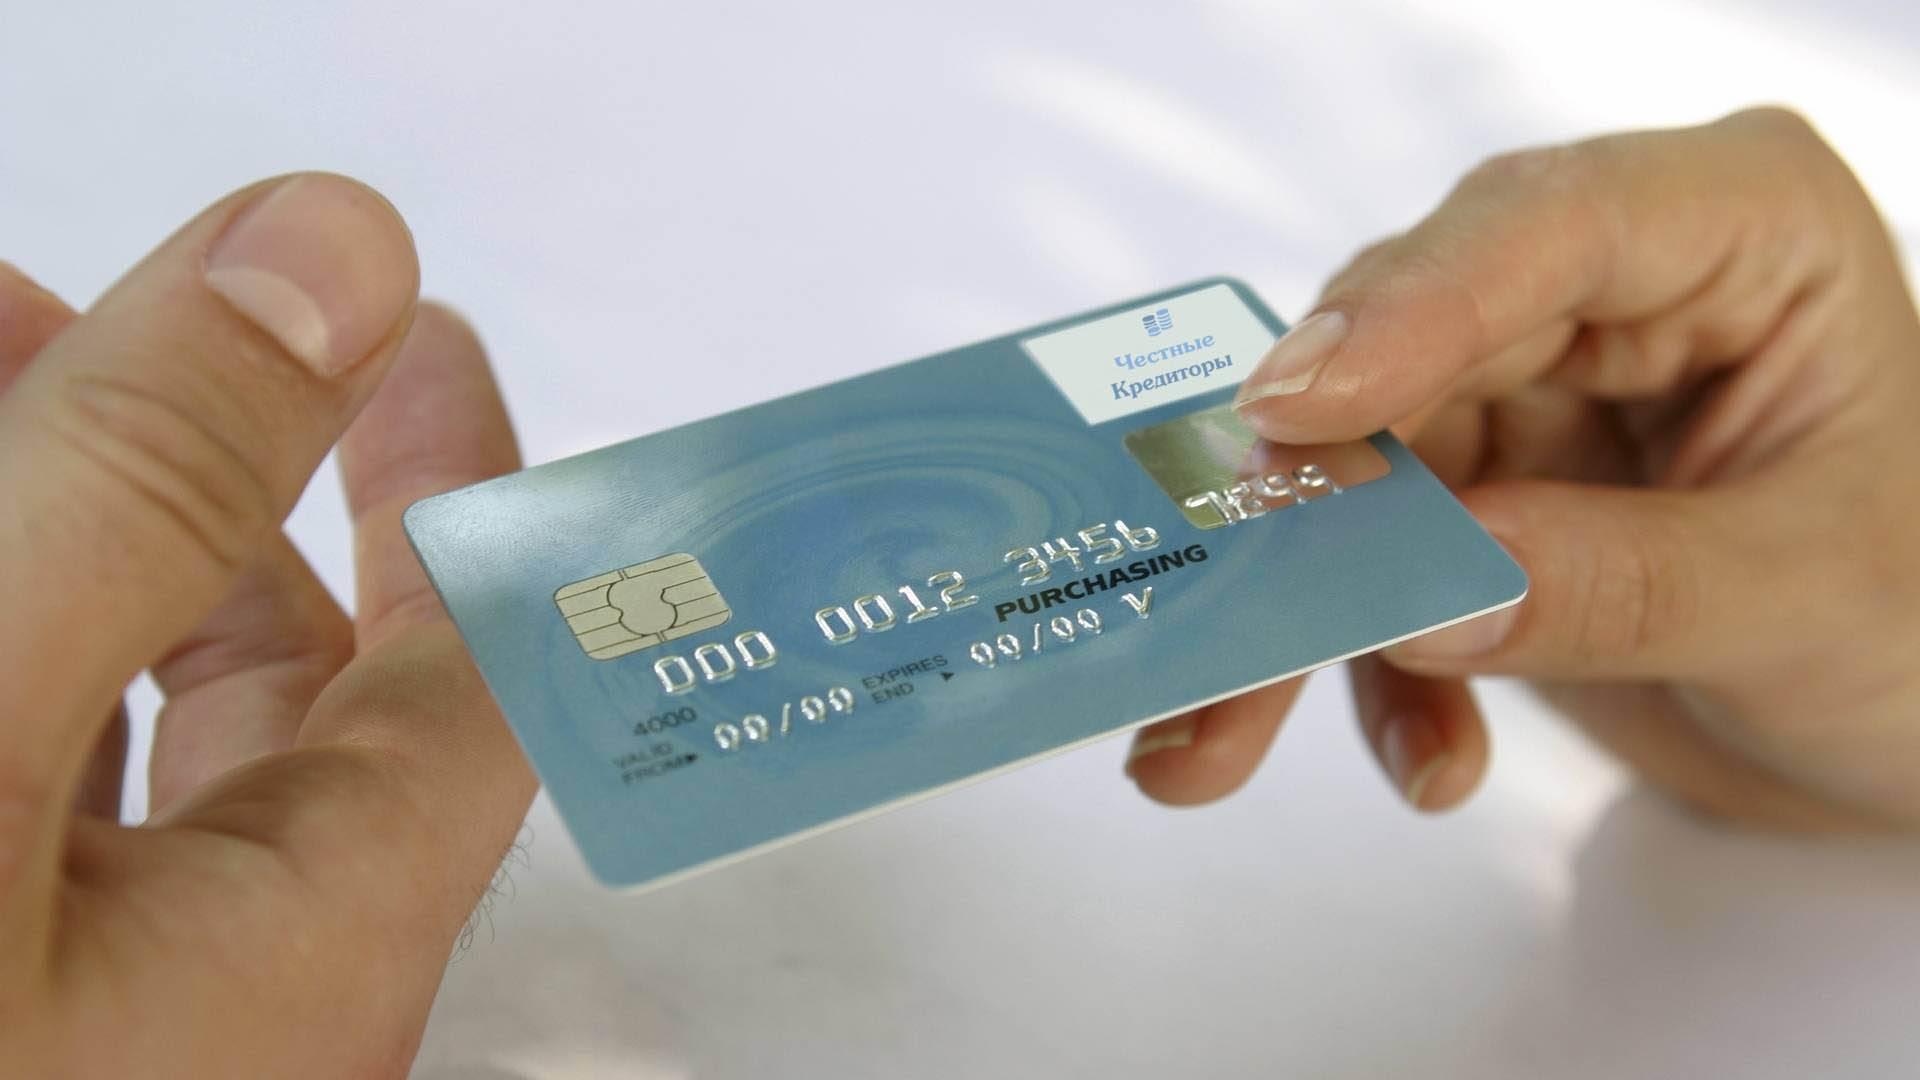 Кредитная карта. Зачем она нужна и как ее оформить